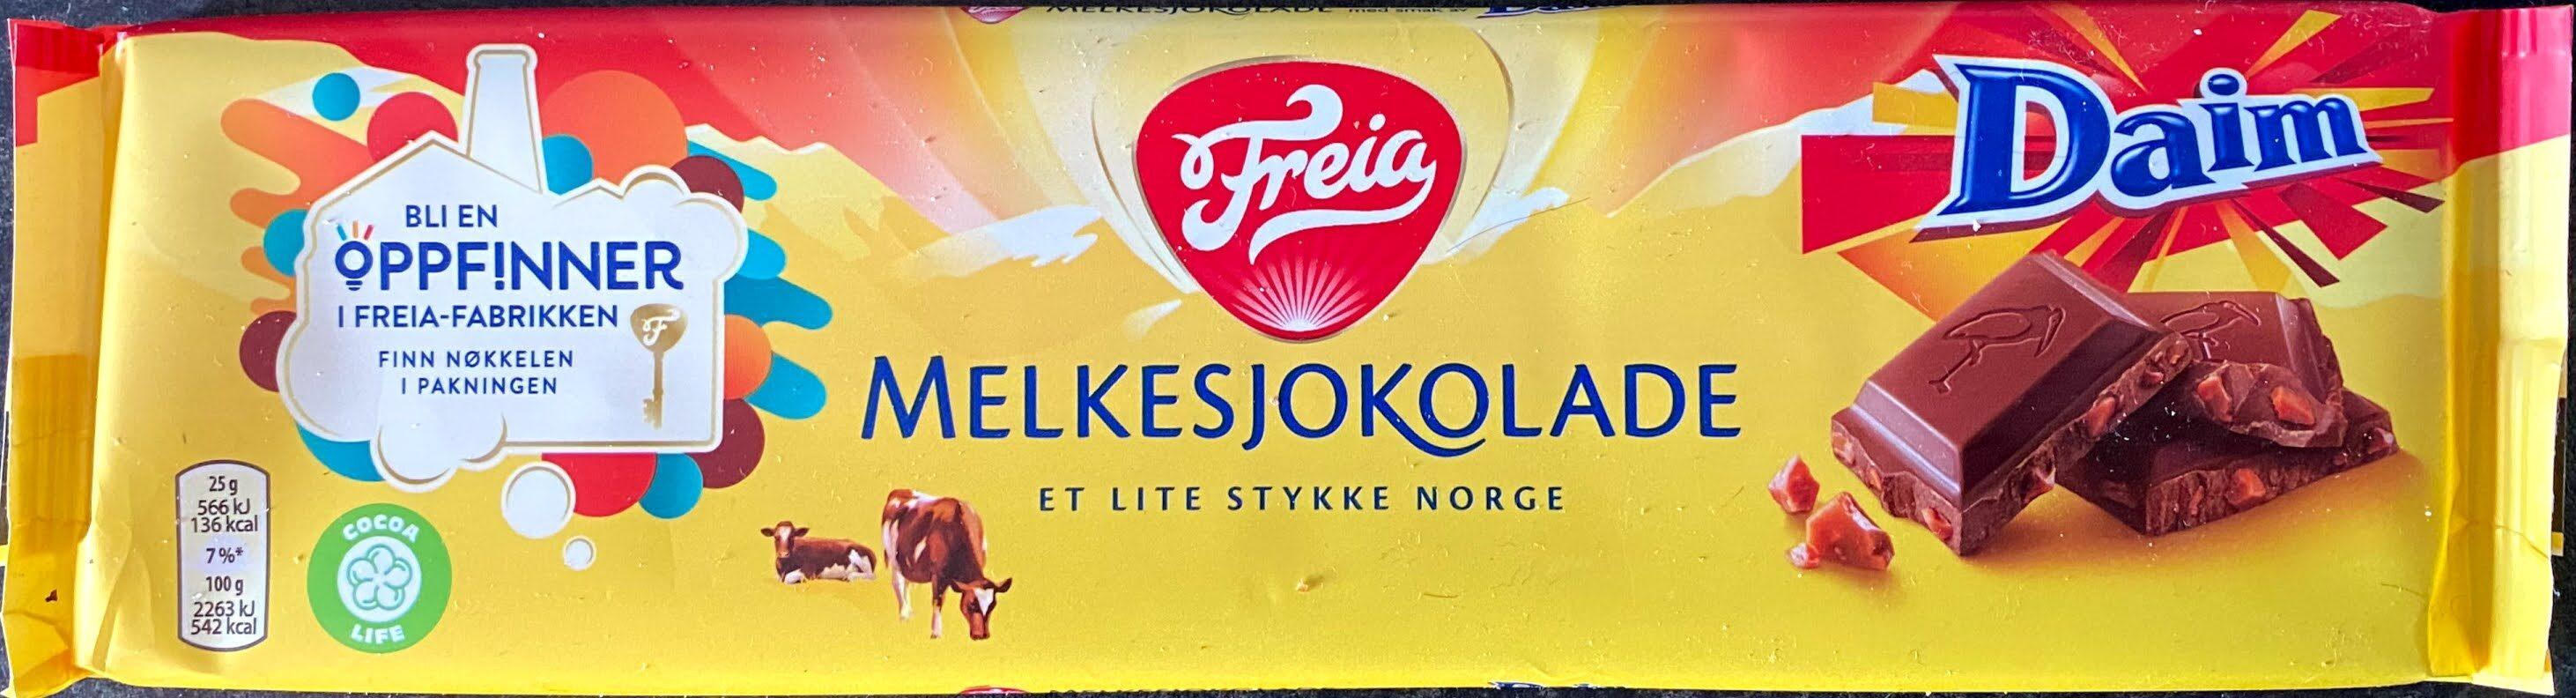 Freia Melkesjokolade med Daim - Product - nb